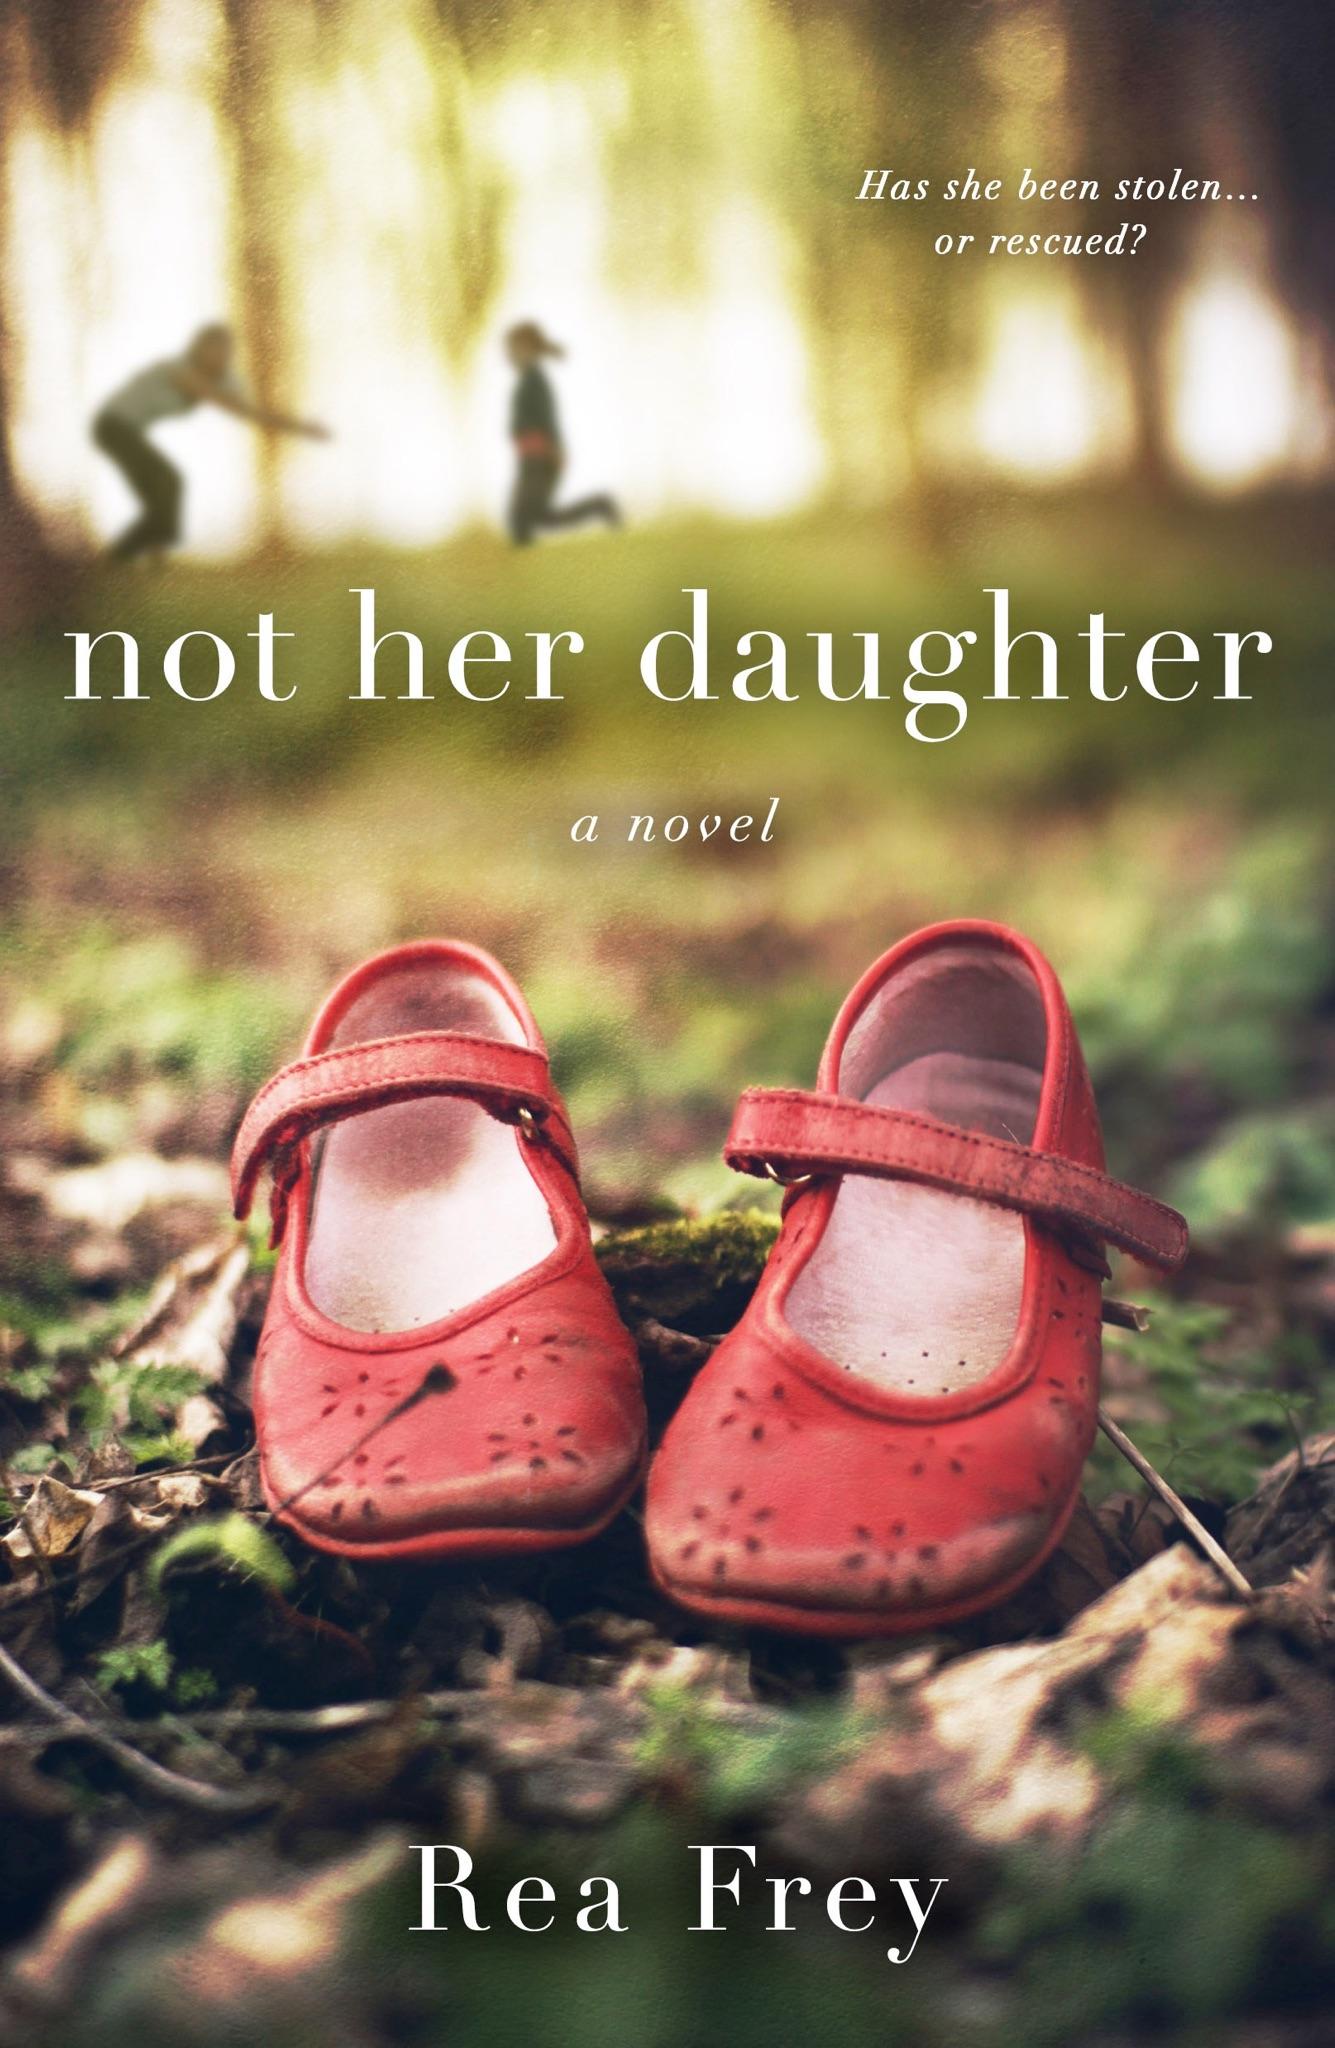 not her daughter 8-10-17.jpg